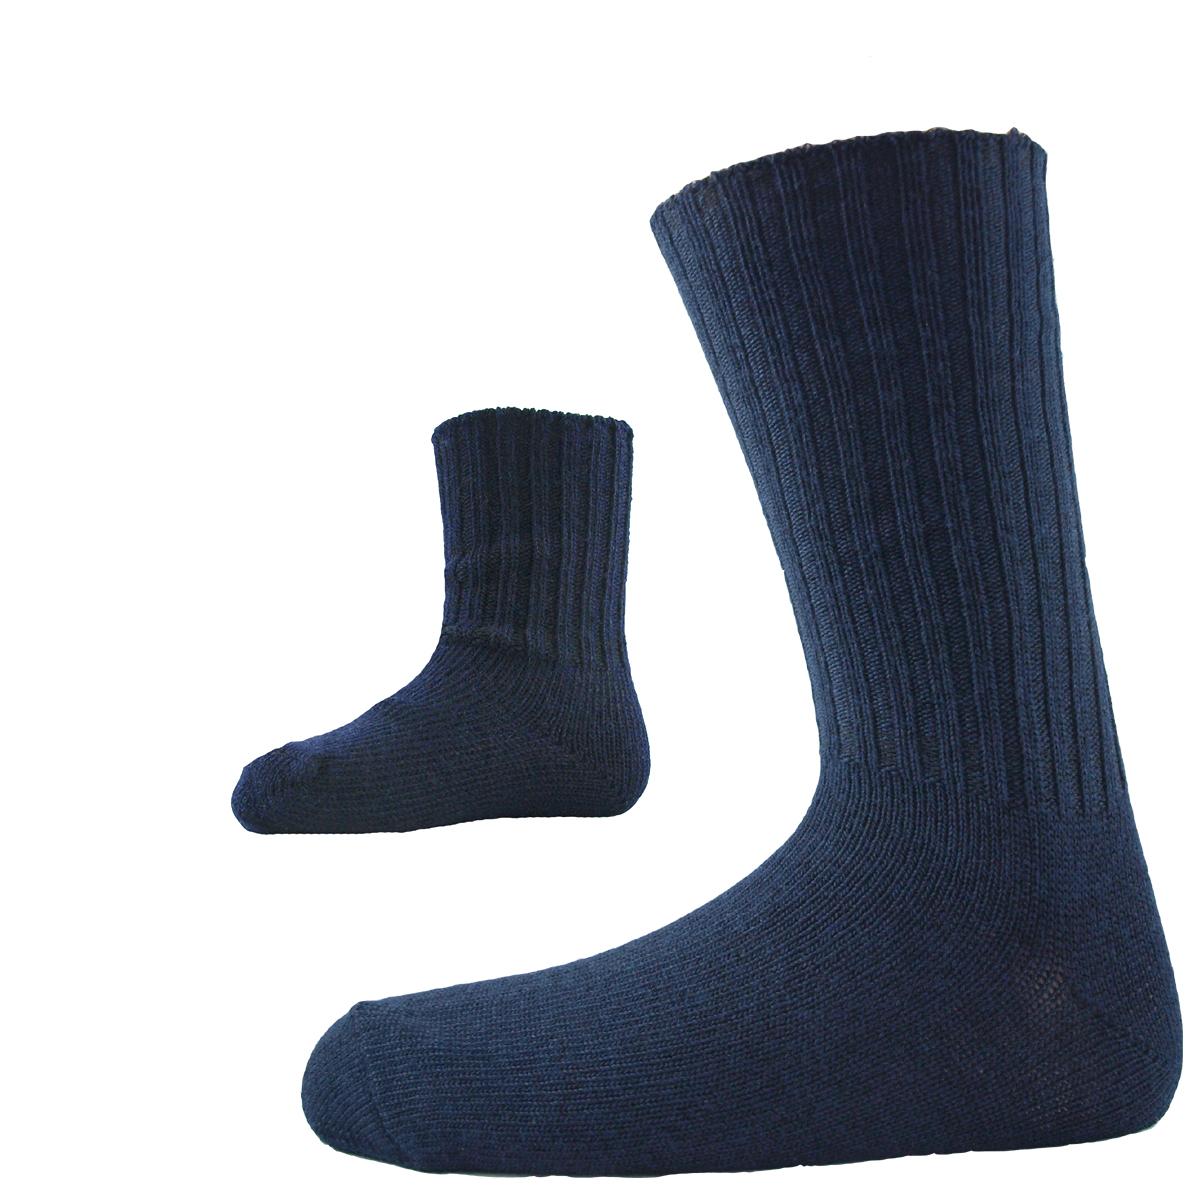 ullstrumpor stor och liten marinblå merinoull minimundus